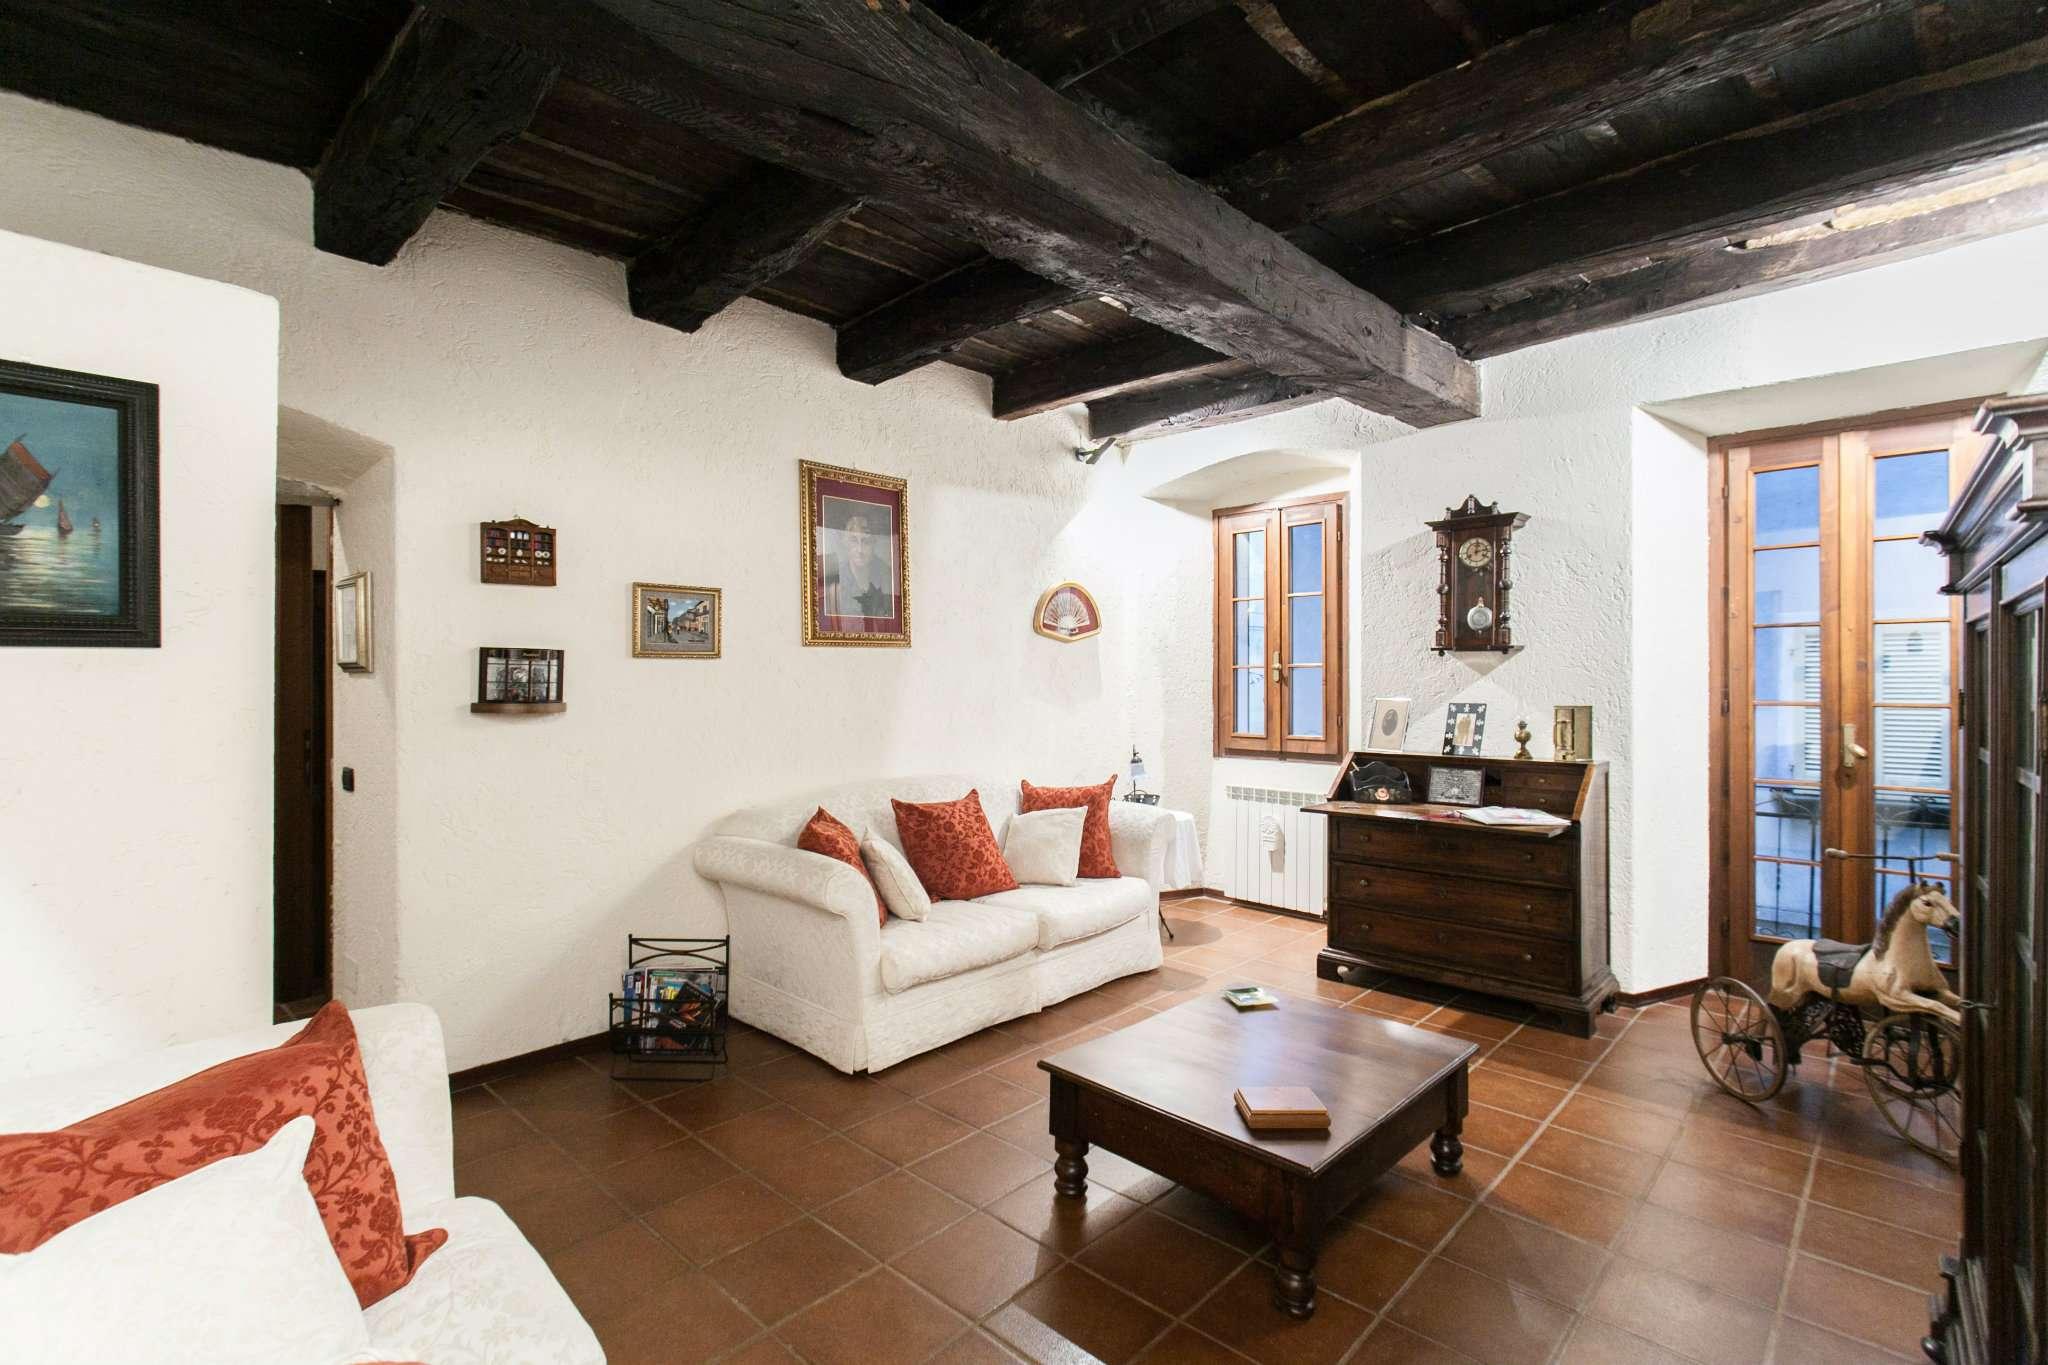 Appartamento di mq 100 c.a Orta San Giulio - Via Olina